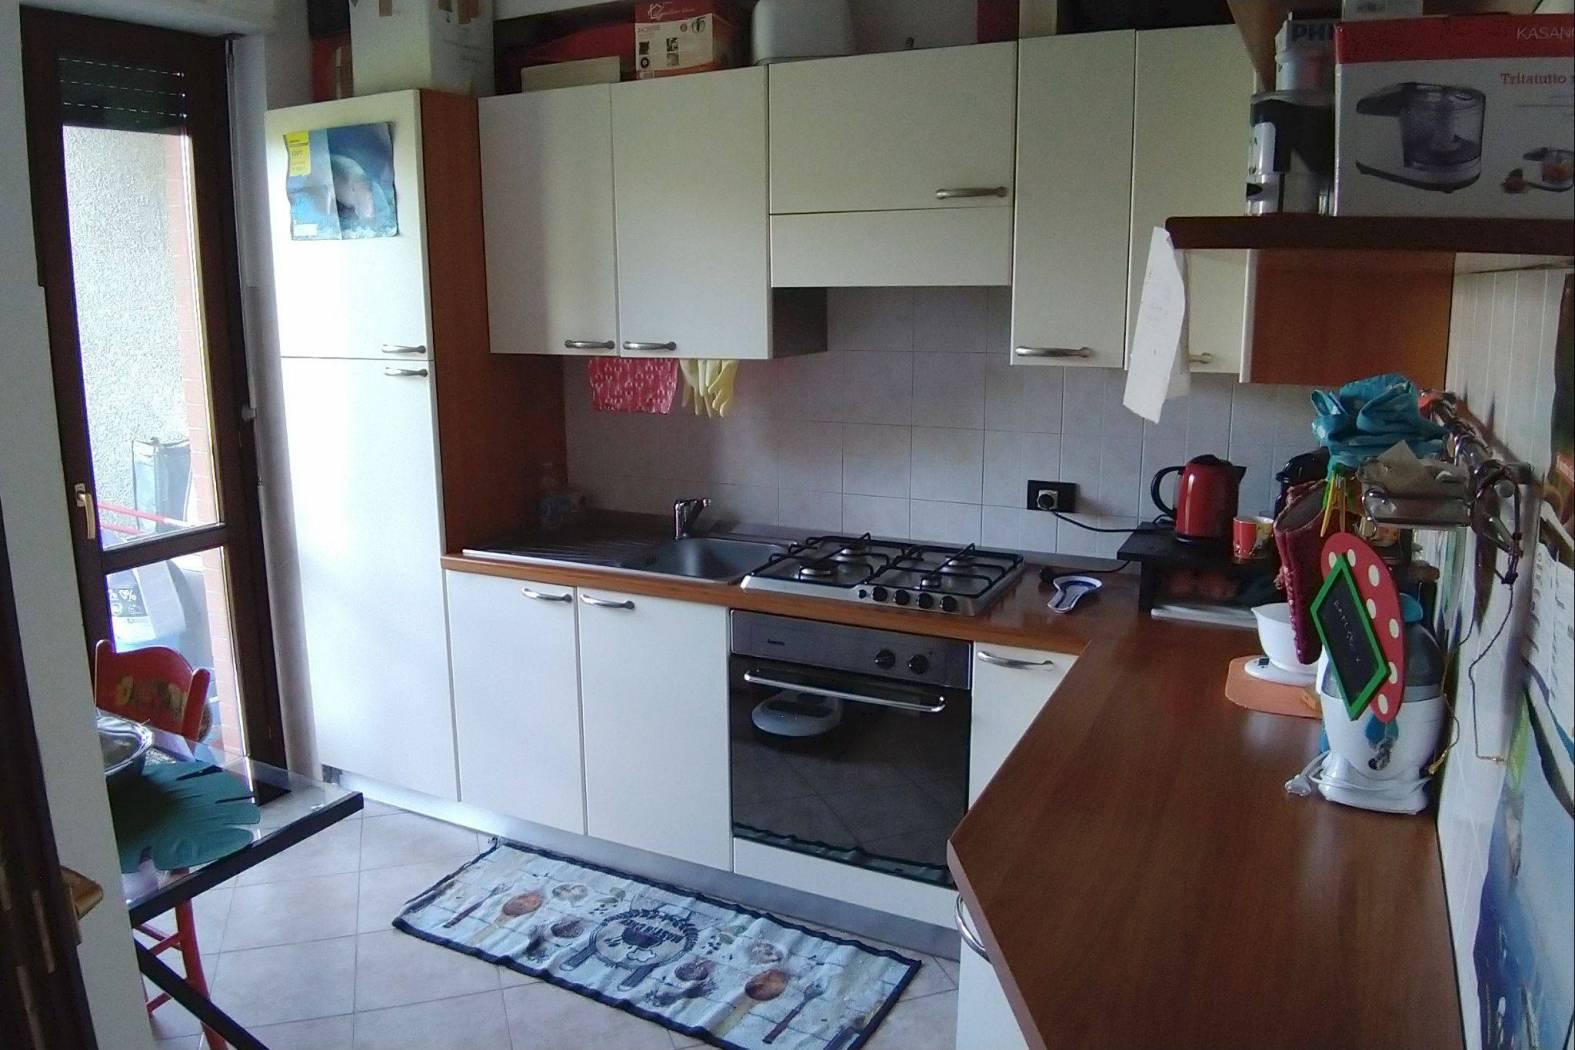 Appartamento in affitto a Novara, 2 locali, zona Zona: Centro, prezzo € 360 | CambioCasa.it